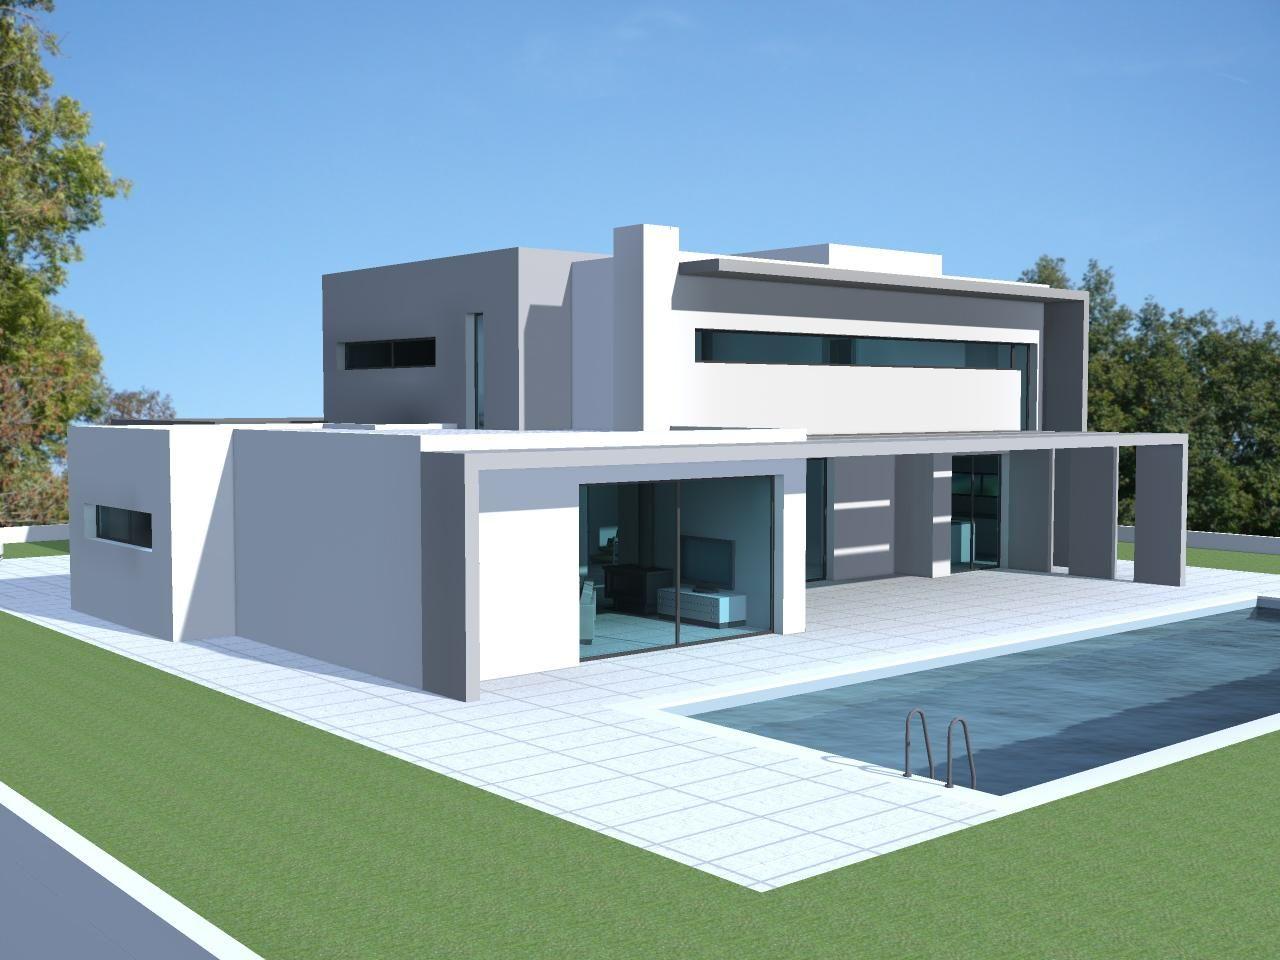 Maison Cube Domibilis Moderne Toit Plat Contemporaine